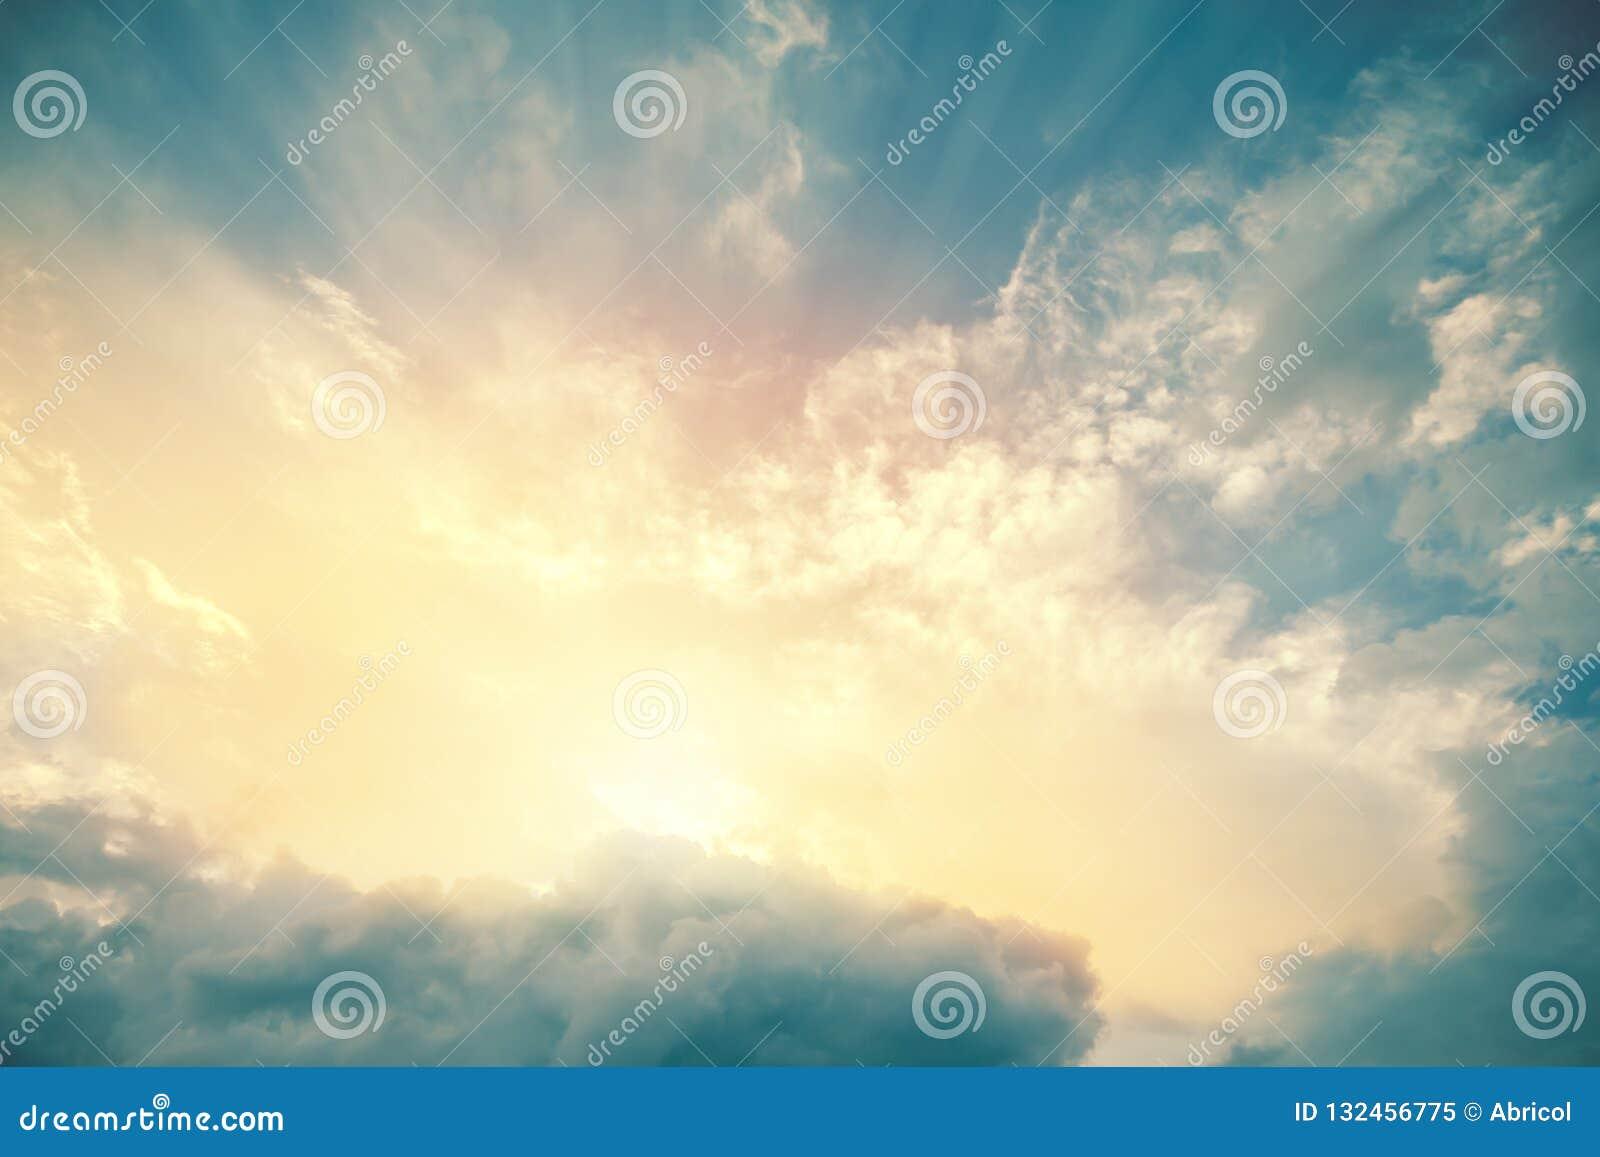 Vista divina de los haces del sol que encienden el cielo de azules turquesa